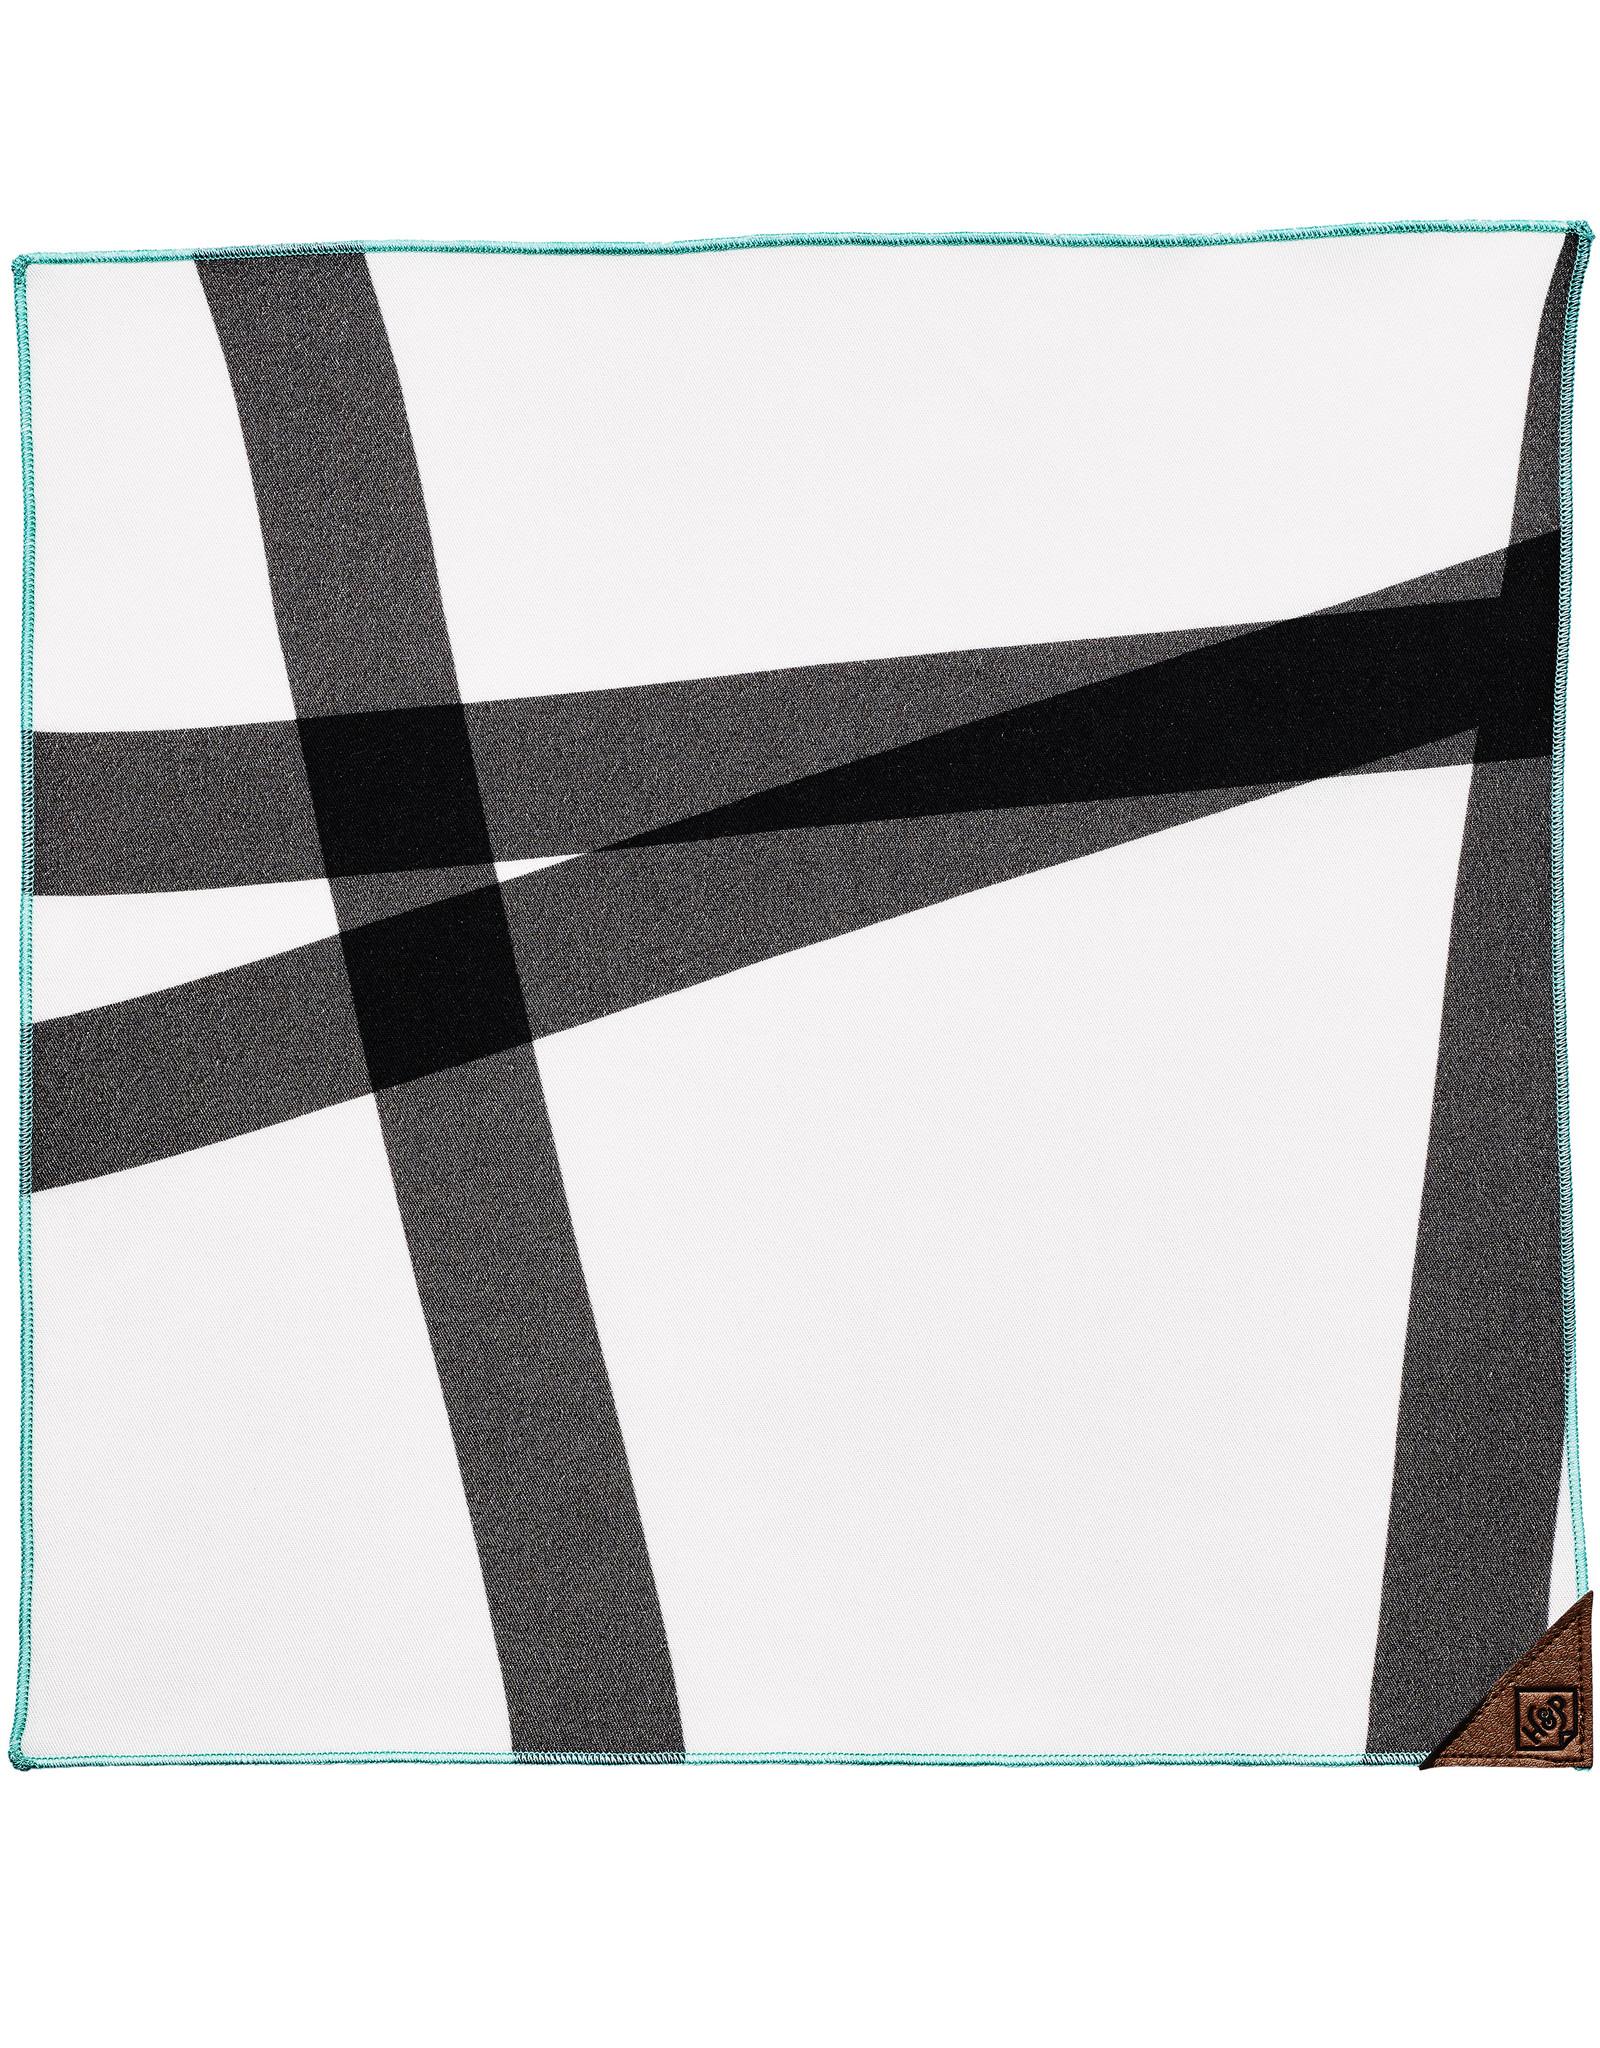 Huff&Puff Handkerchief: the painter